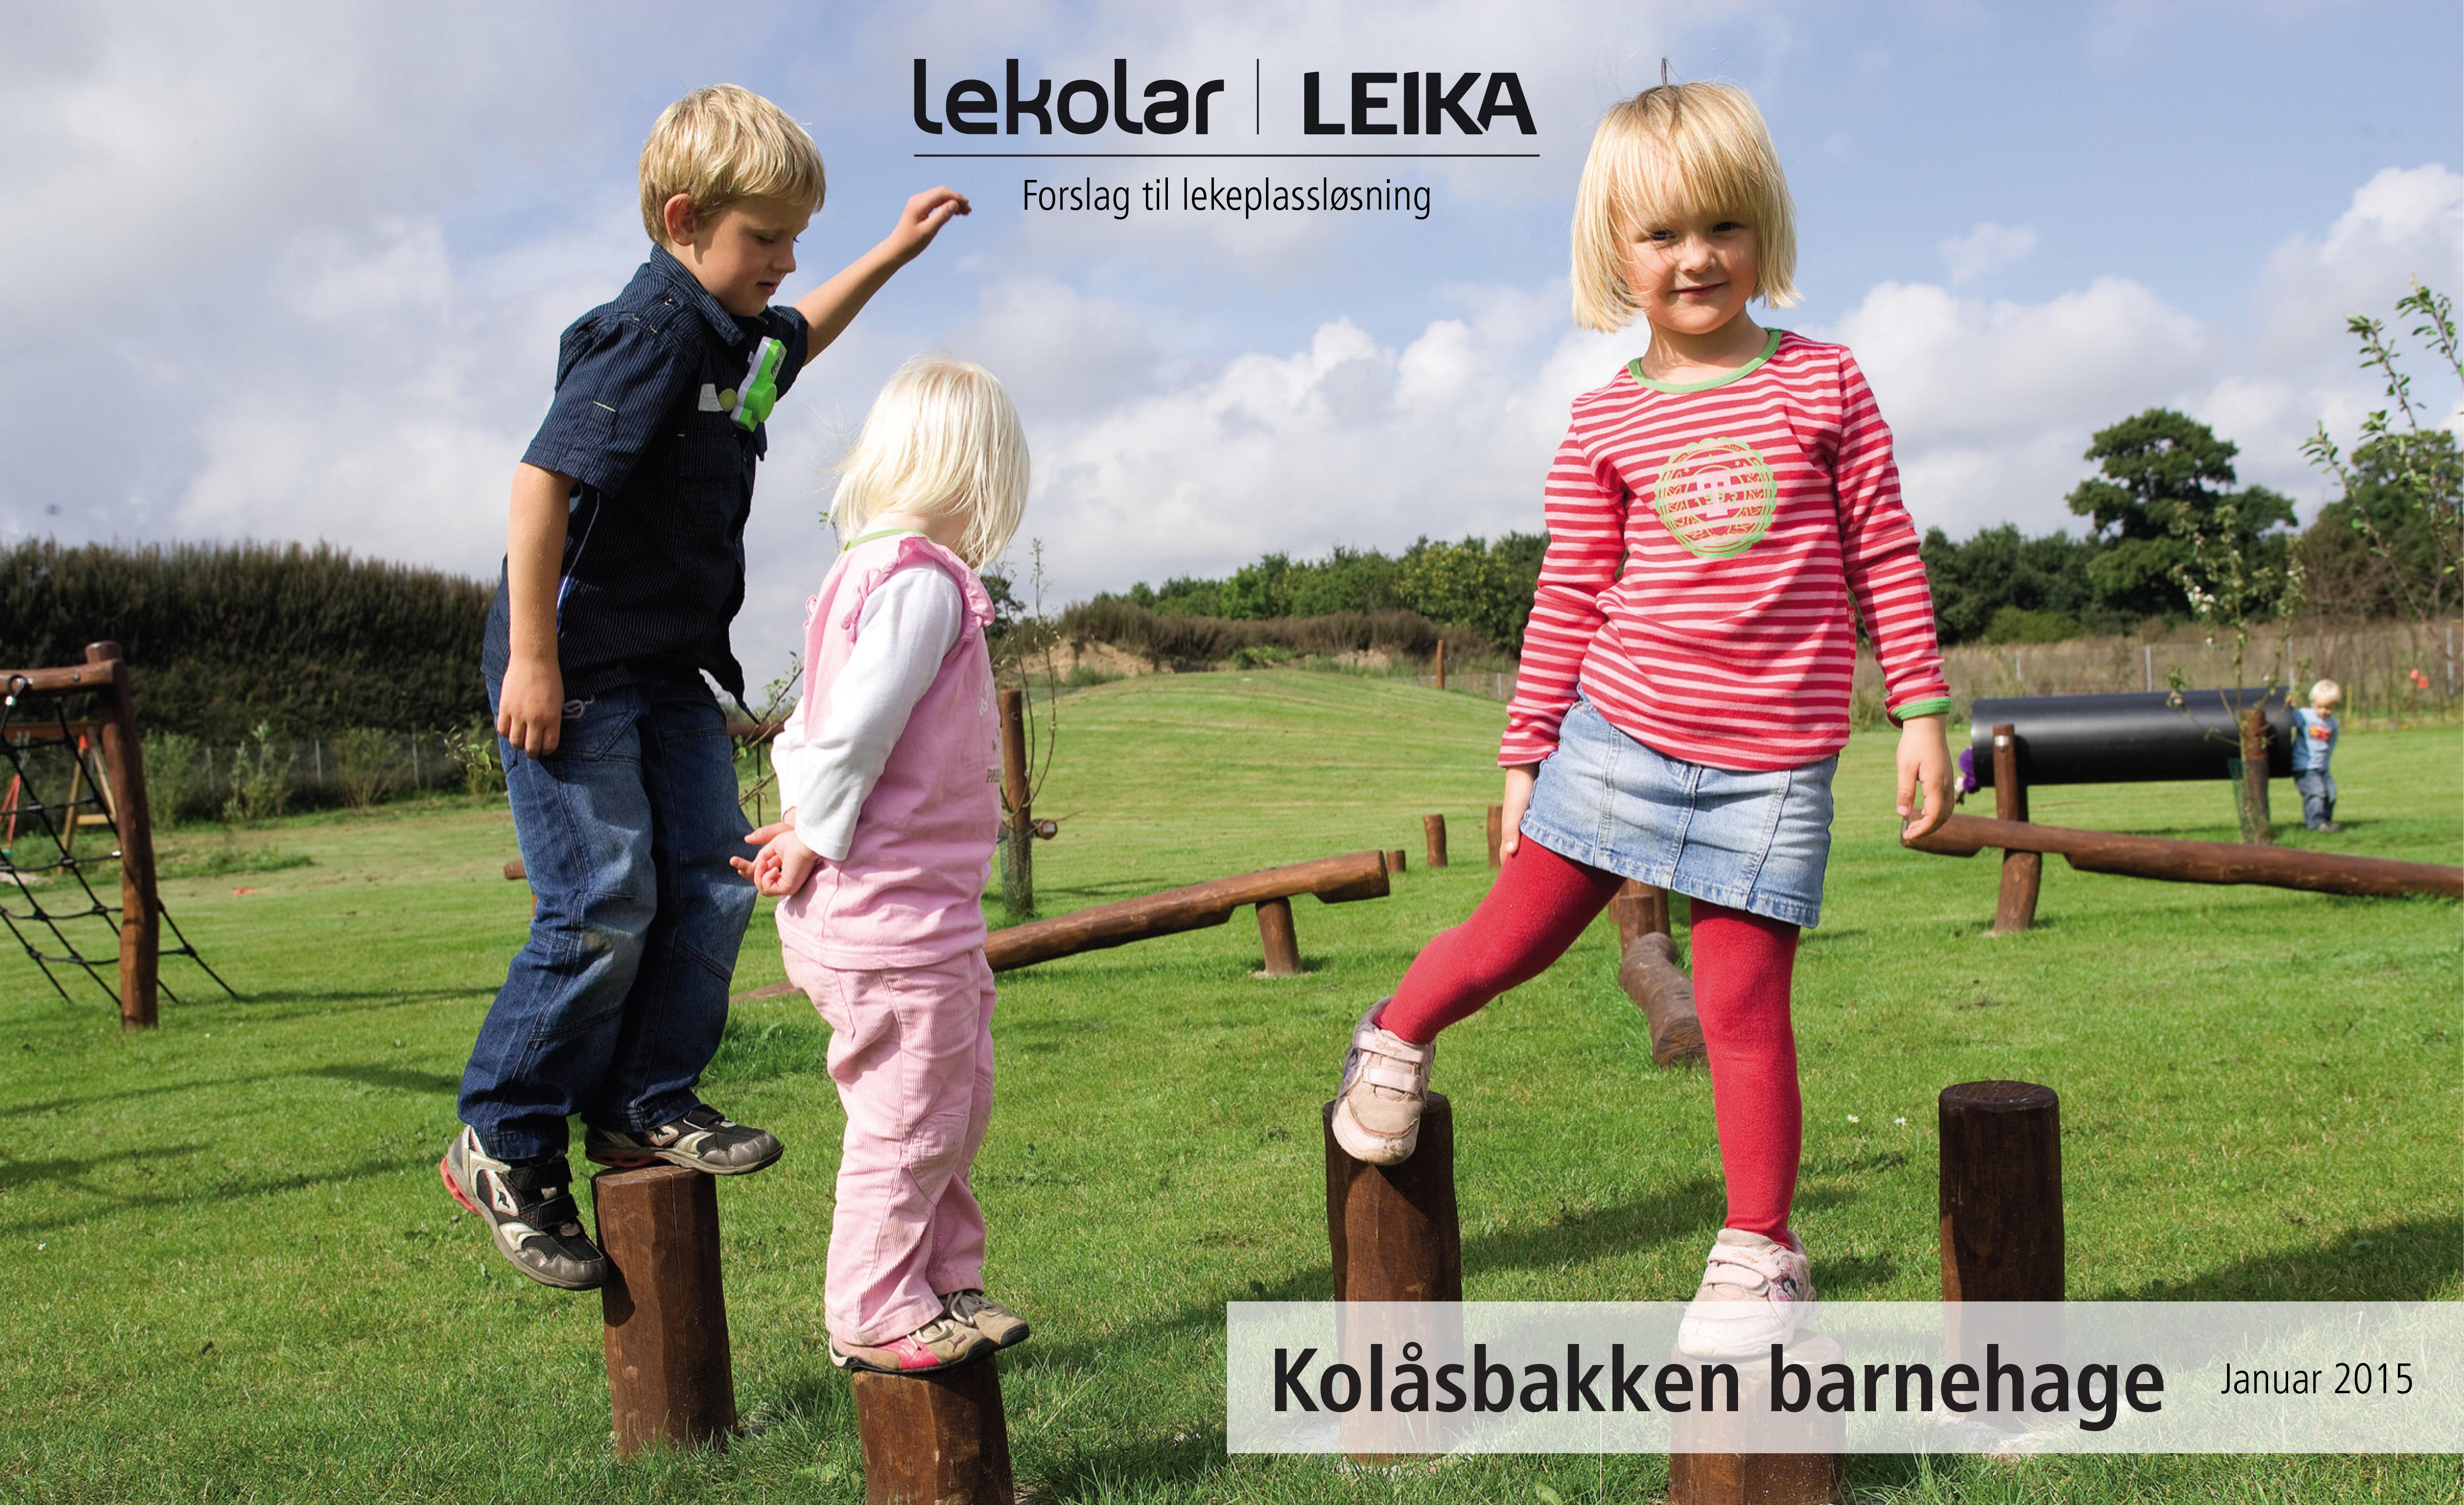 Lekolar | Leika